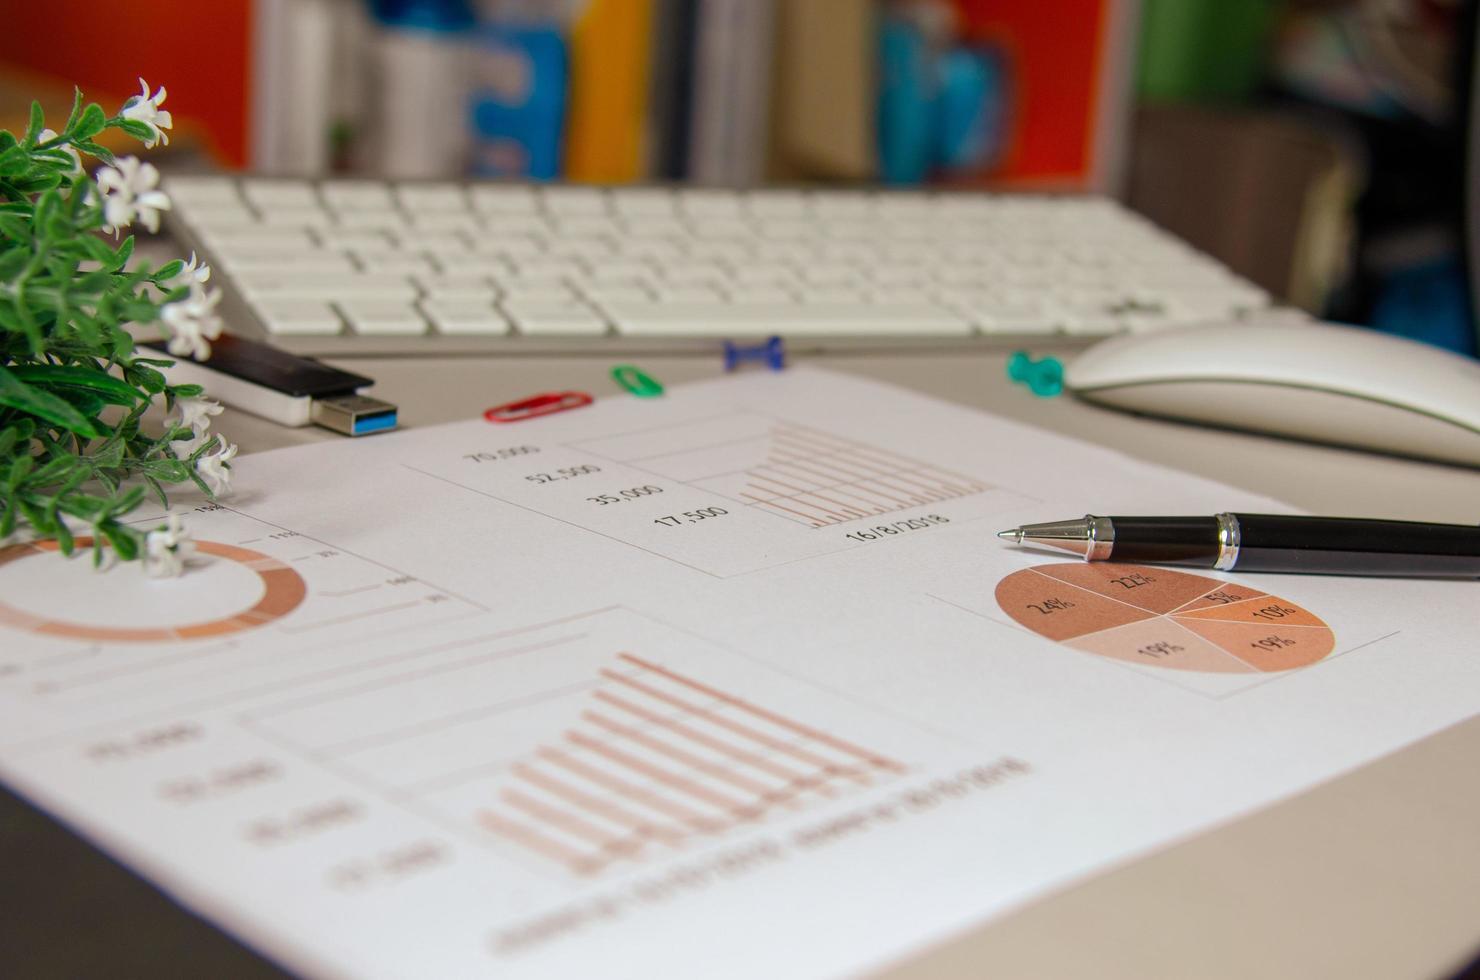 gráfico de negocios en el escritorio foto